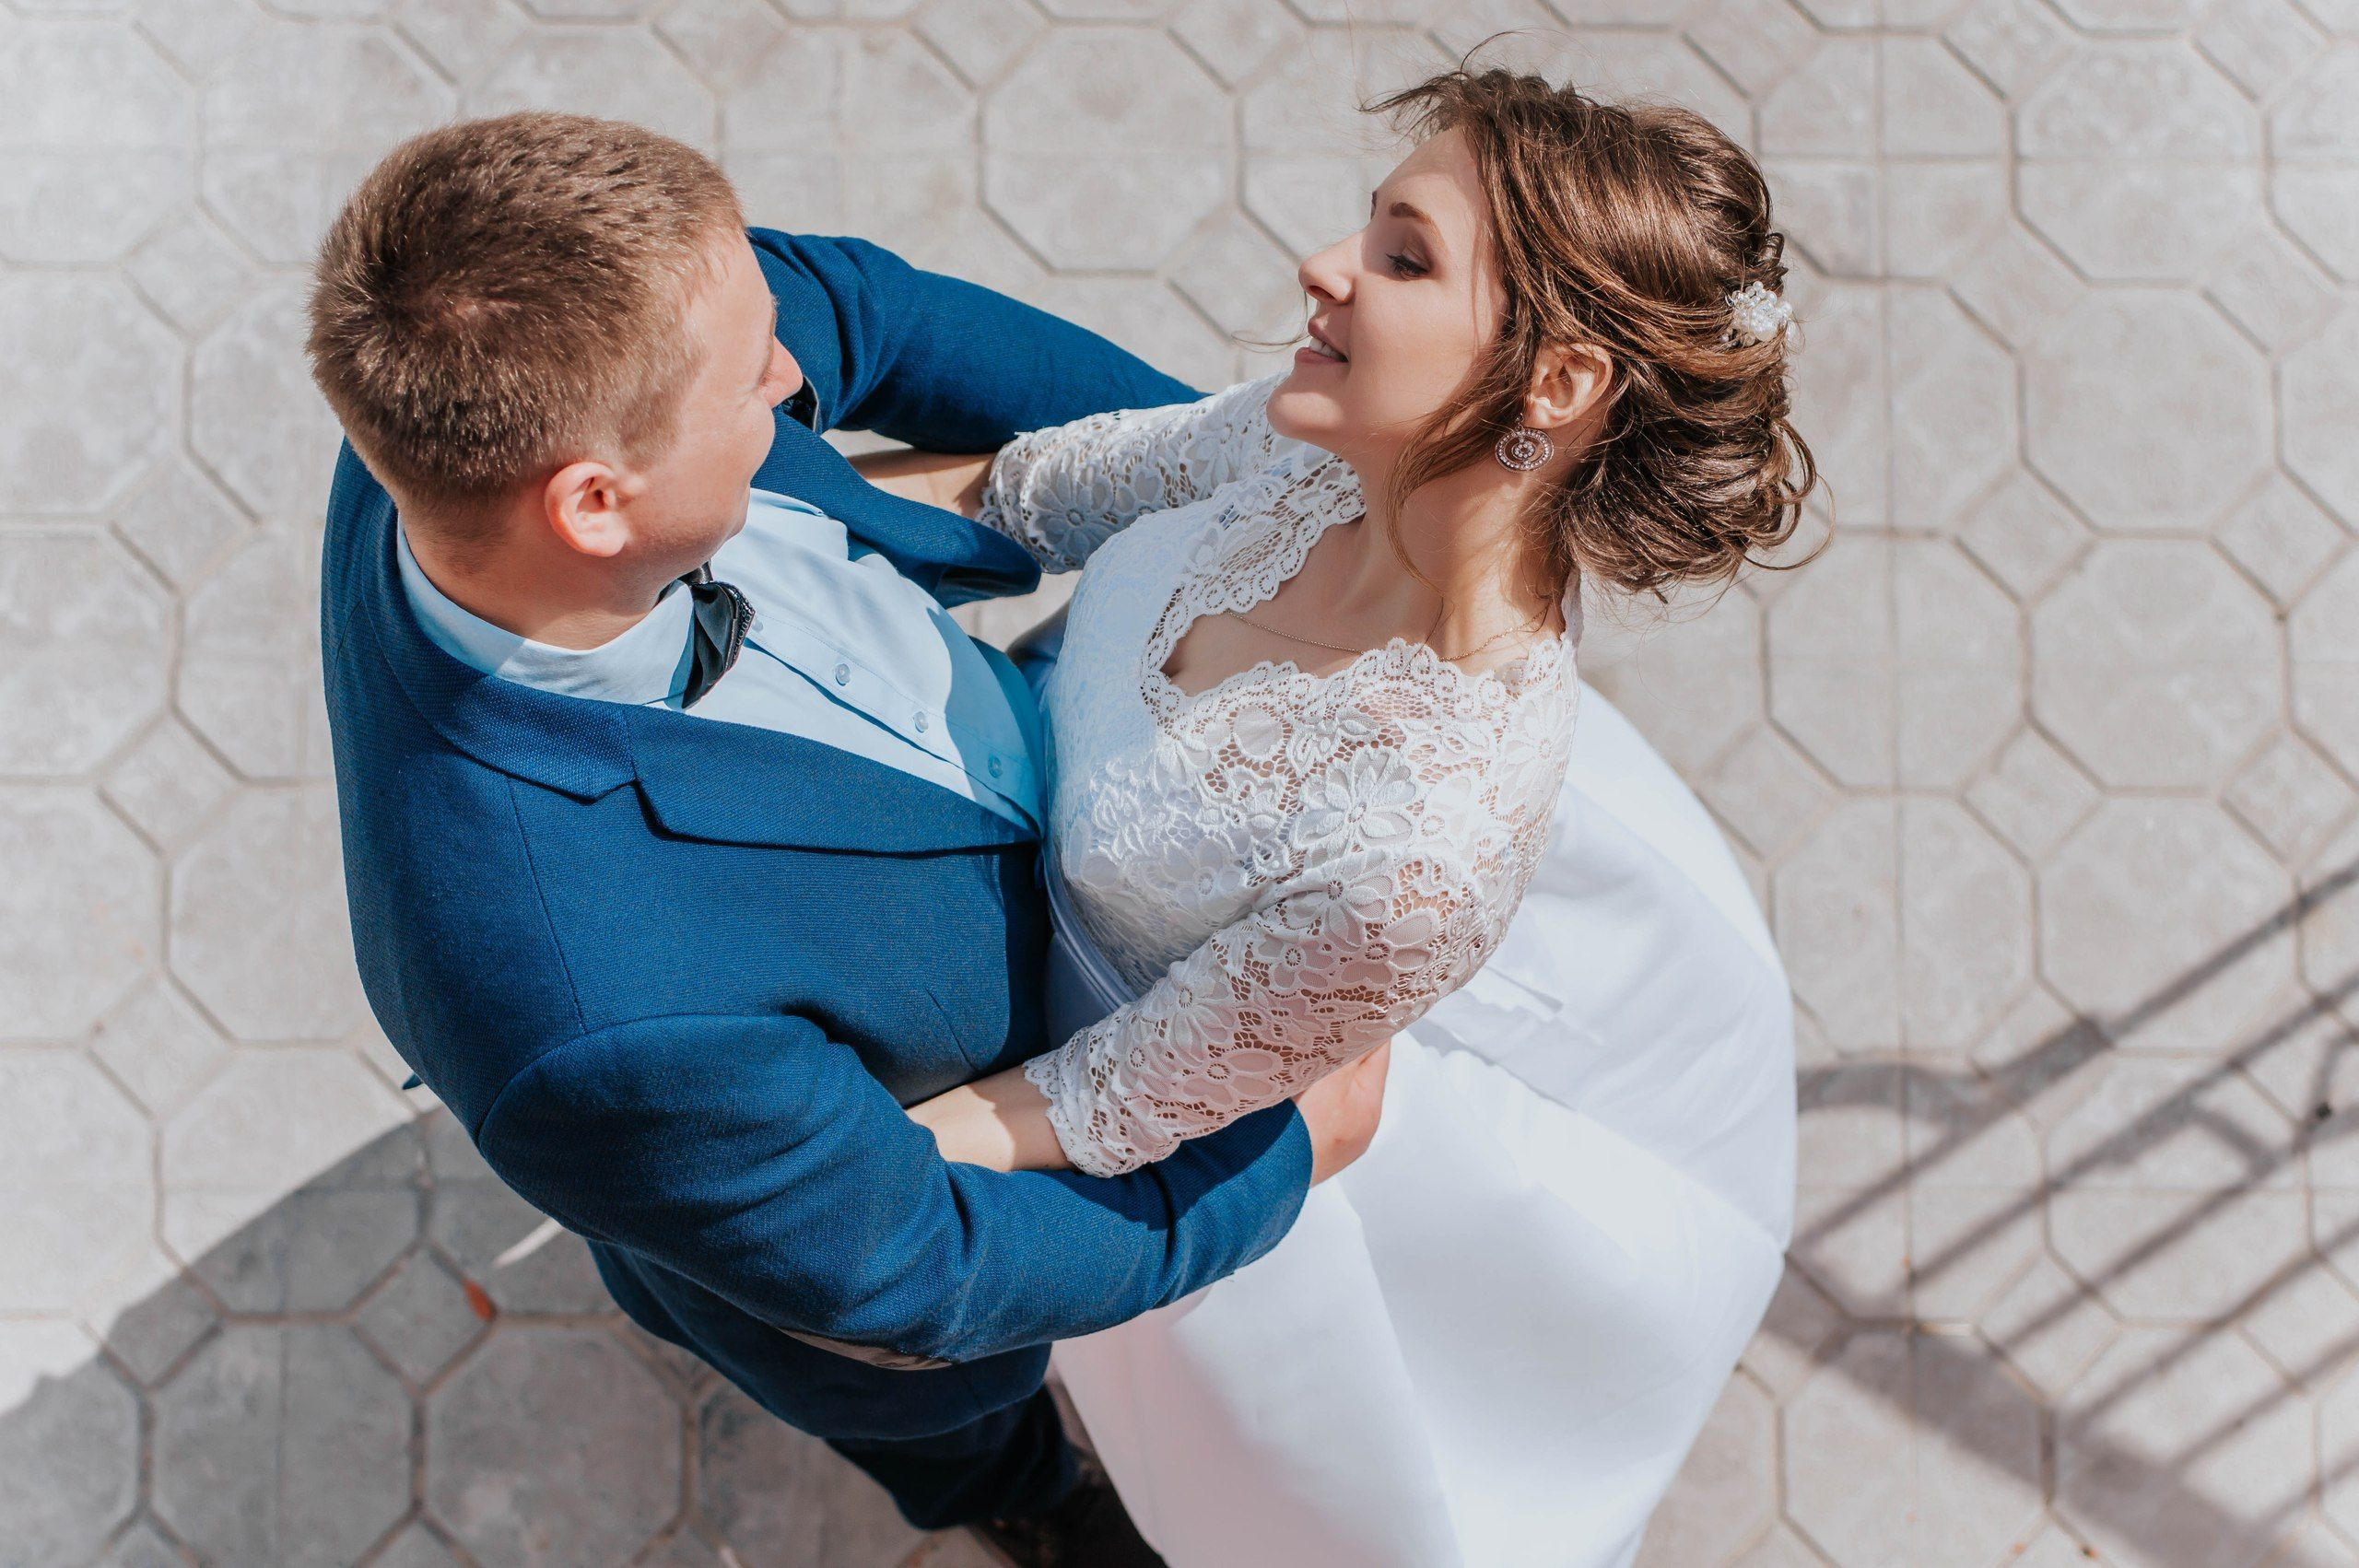 мейвуд свадебные фотографы всю голову поисках